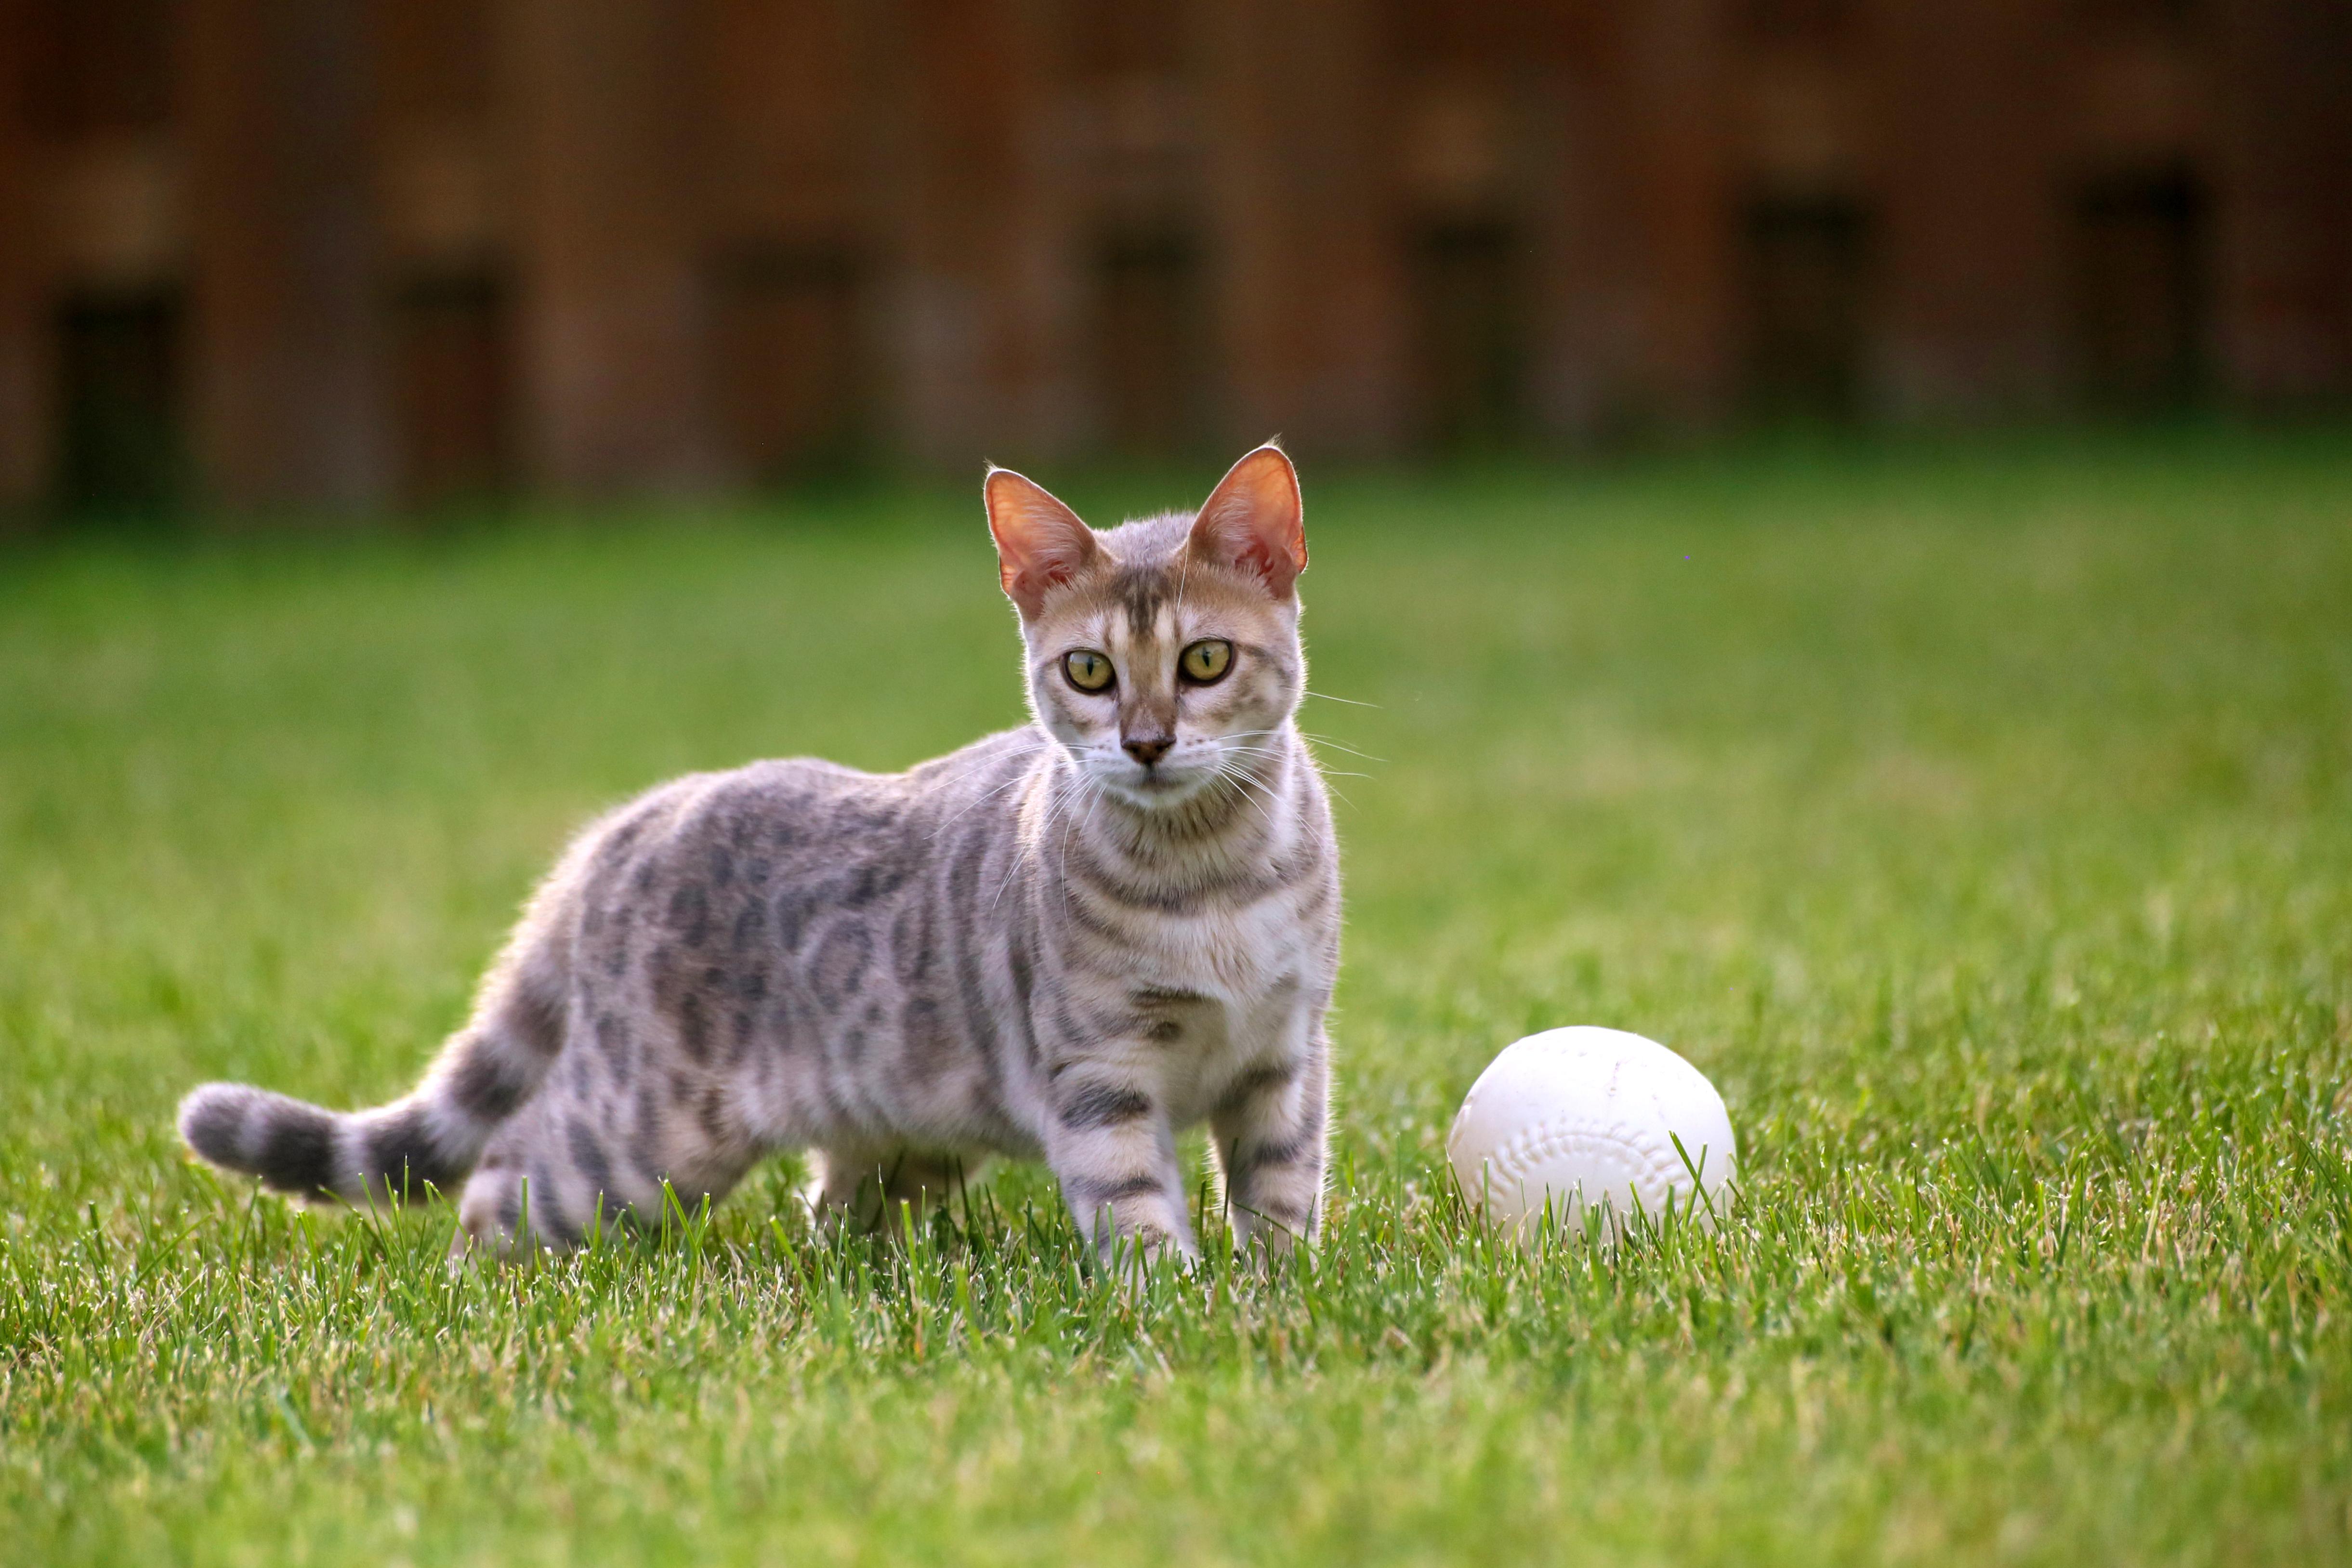 Blue bengal kitten: taste of freedom - 4 photo